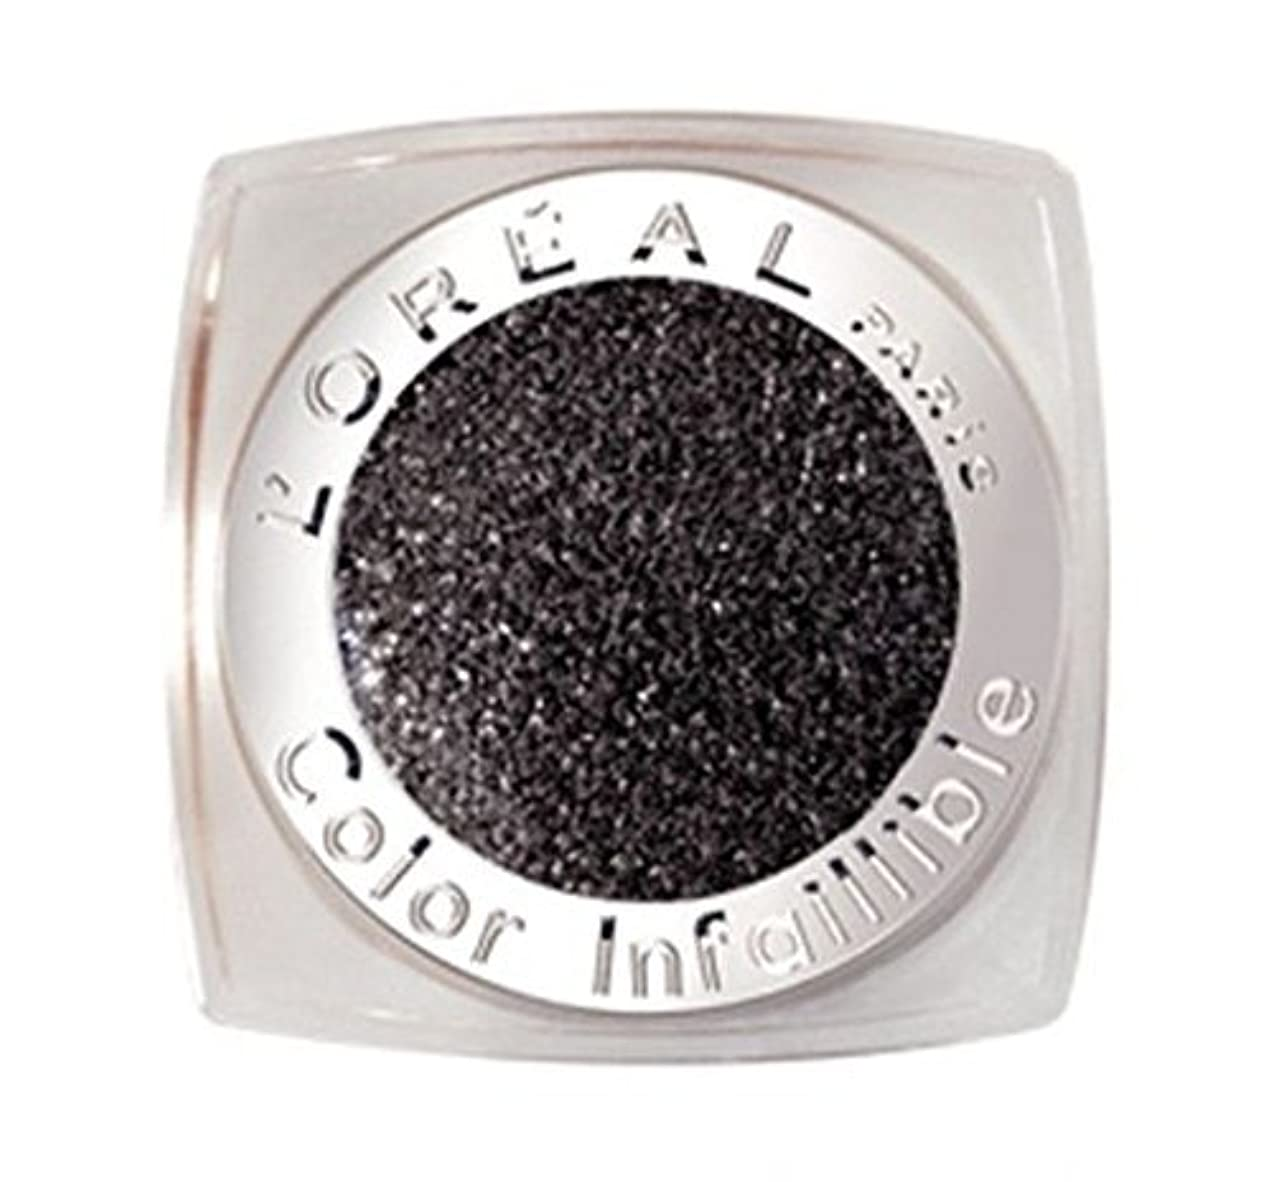 カプラー配管工口実L'OREAL COLOR INFAILLIBLE EYE SHADOW - 014 ETERNAL BLACK